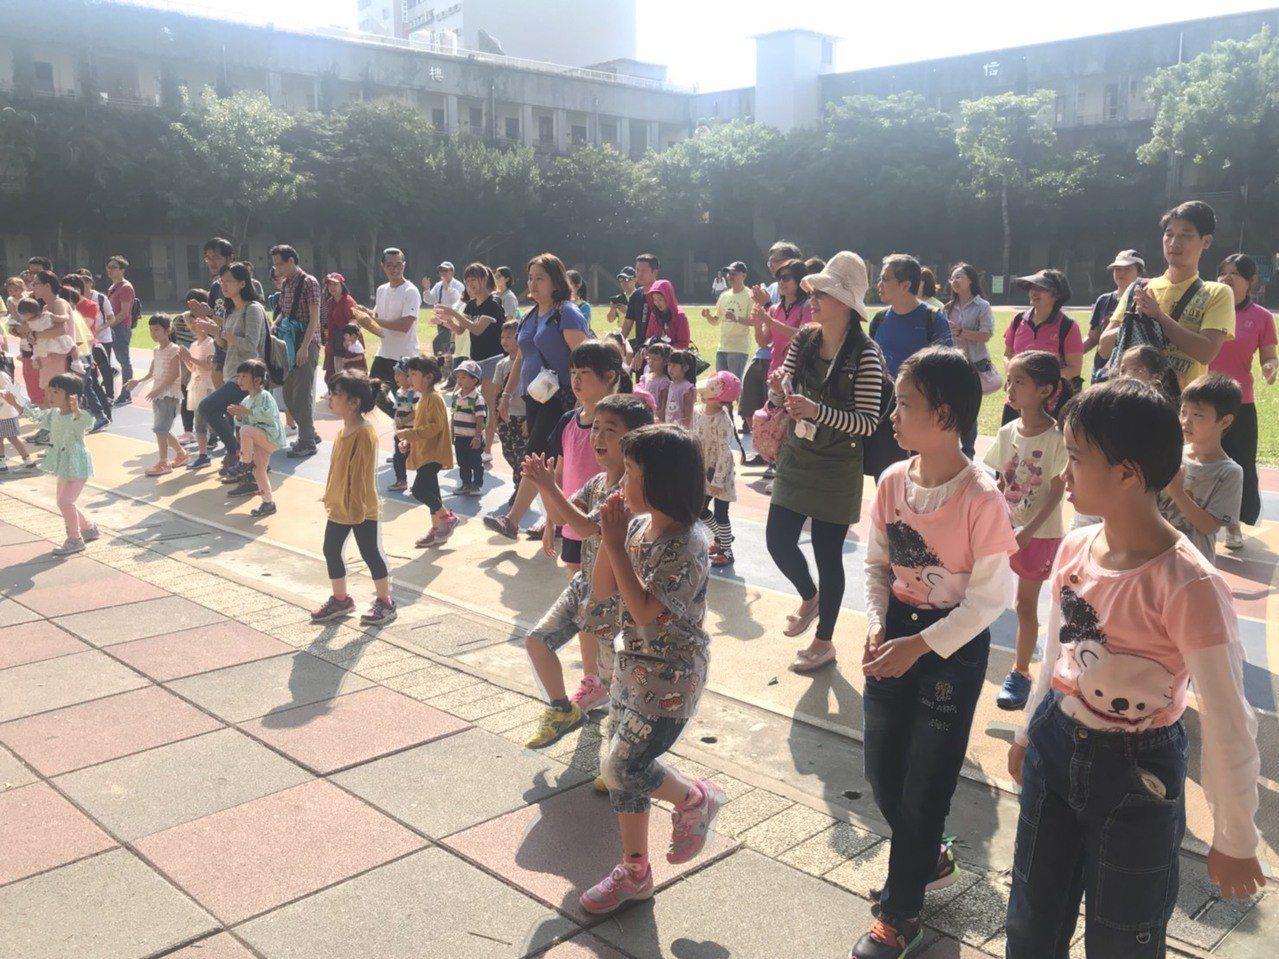 台北市雙胞胎協會今上午在東門國小舉行雙胞胎日,逾150組雙胞胎家庭參與,以園遊闖...